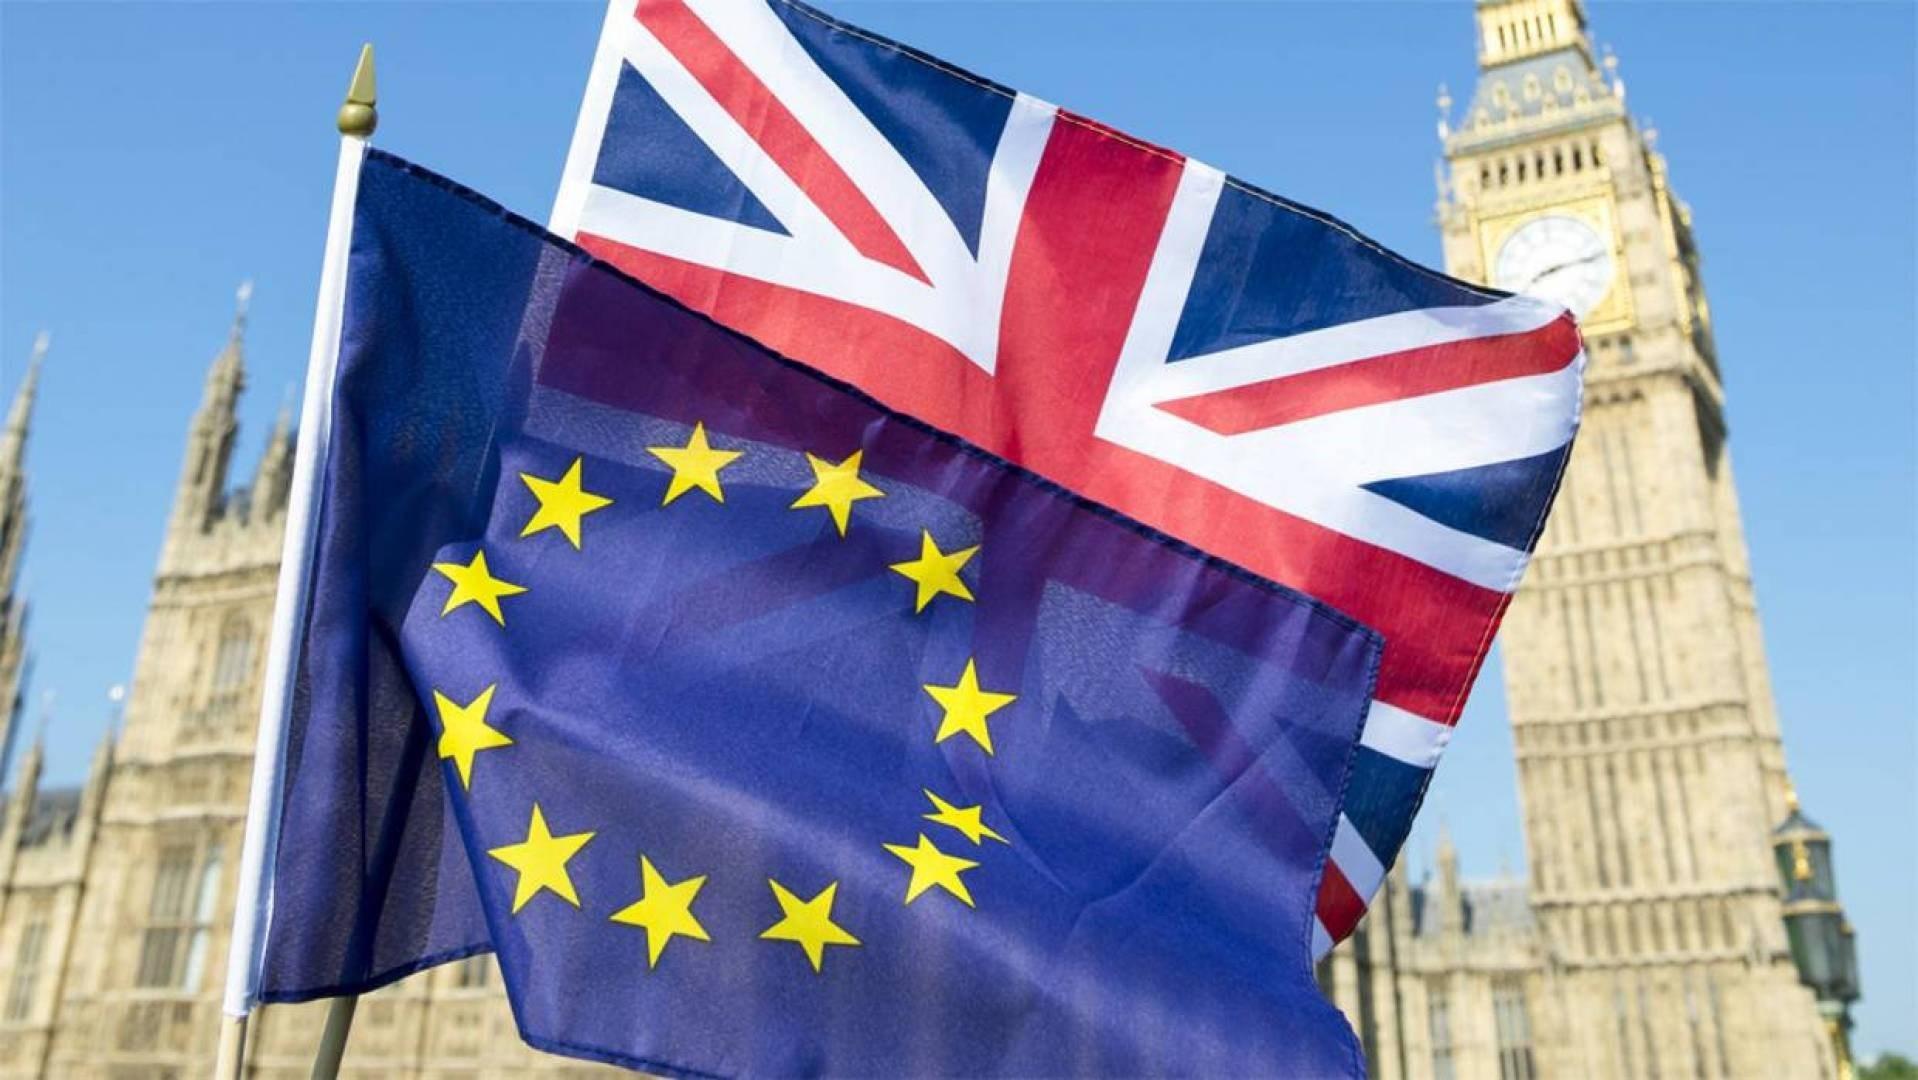 الاتحاد الأوروبي وبريطانيا اتفقوا في 2018 على أن الأخيرة لن تستمر في قيادة مهمات أوروبية أو المشاركة فيها بعد خروجها من الاتحاد